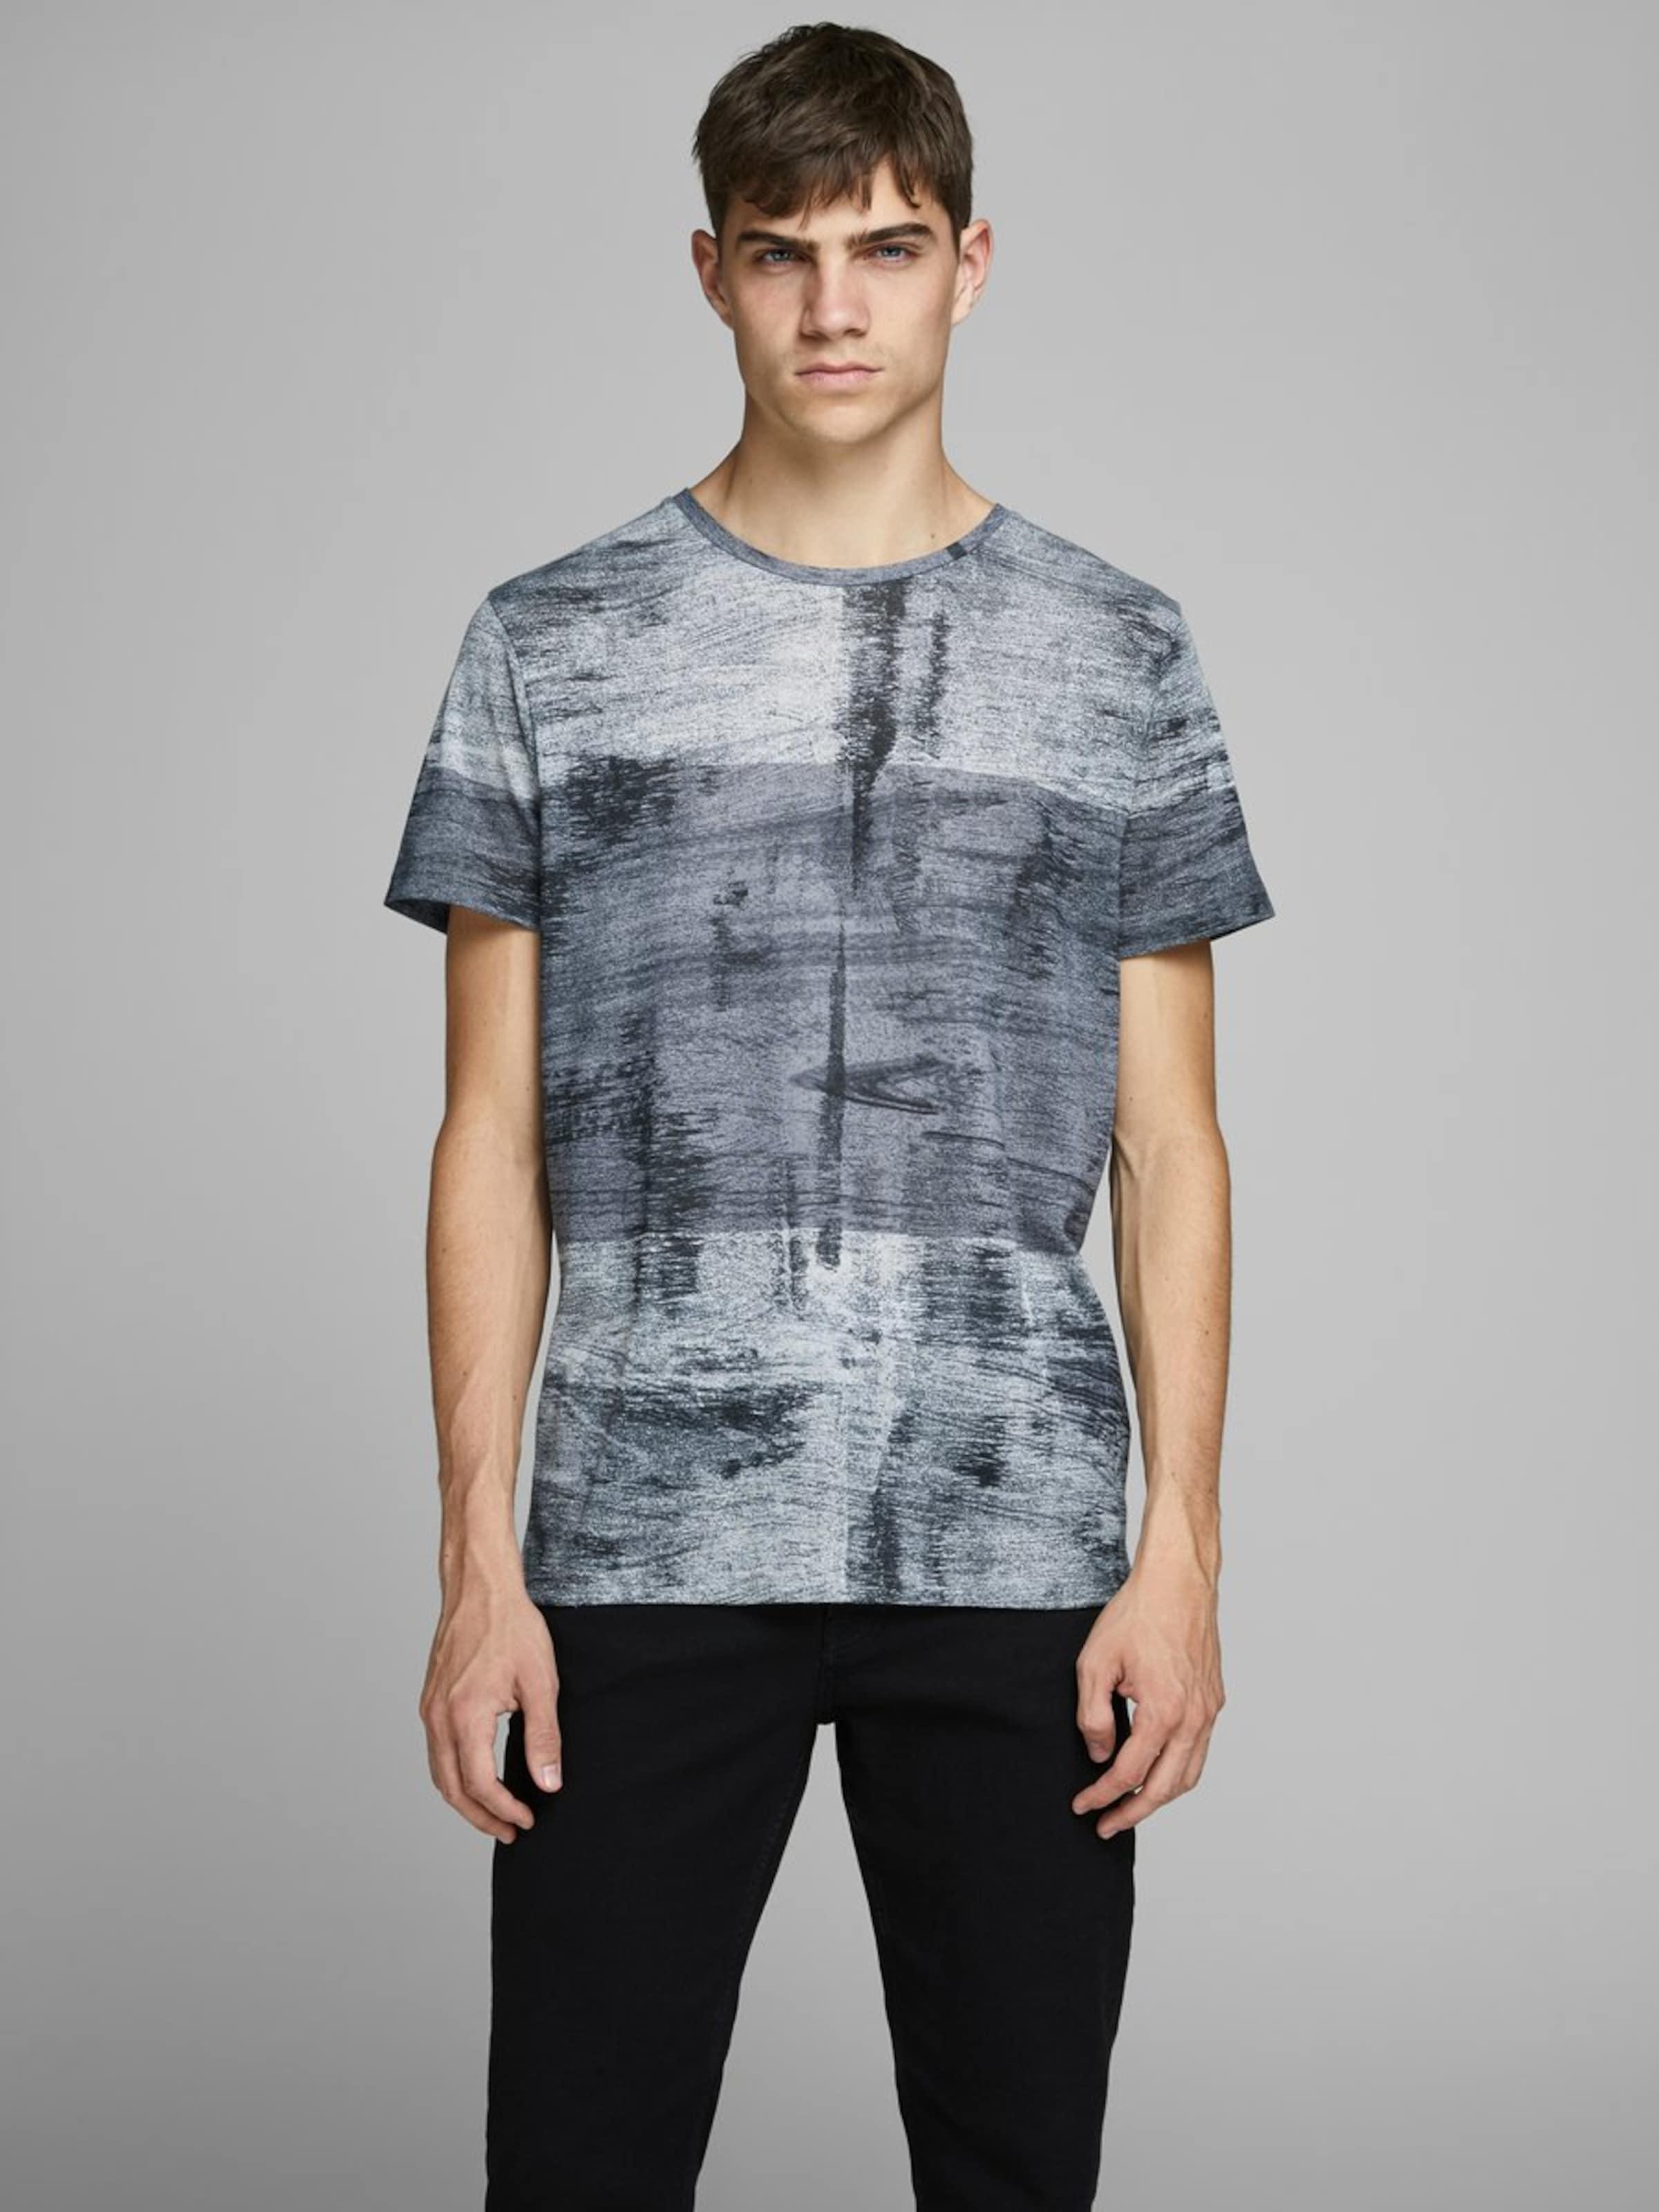 HellgrauDunkelgrau Weiß Jones T In shirt Jackamp; 4LS5qR3cAj